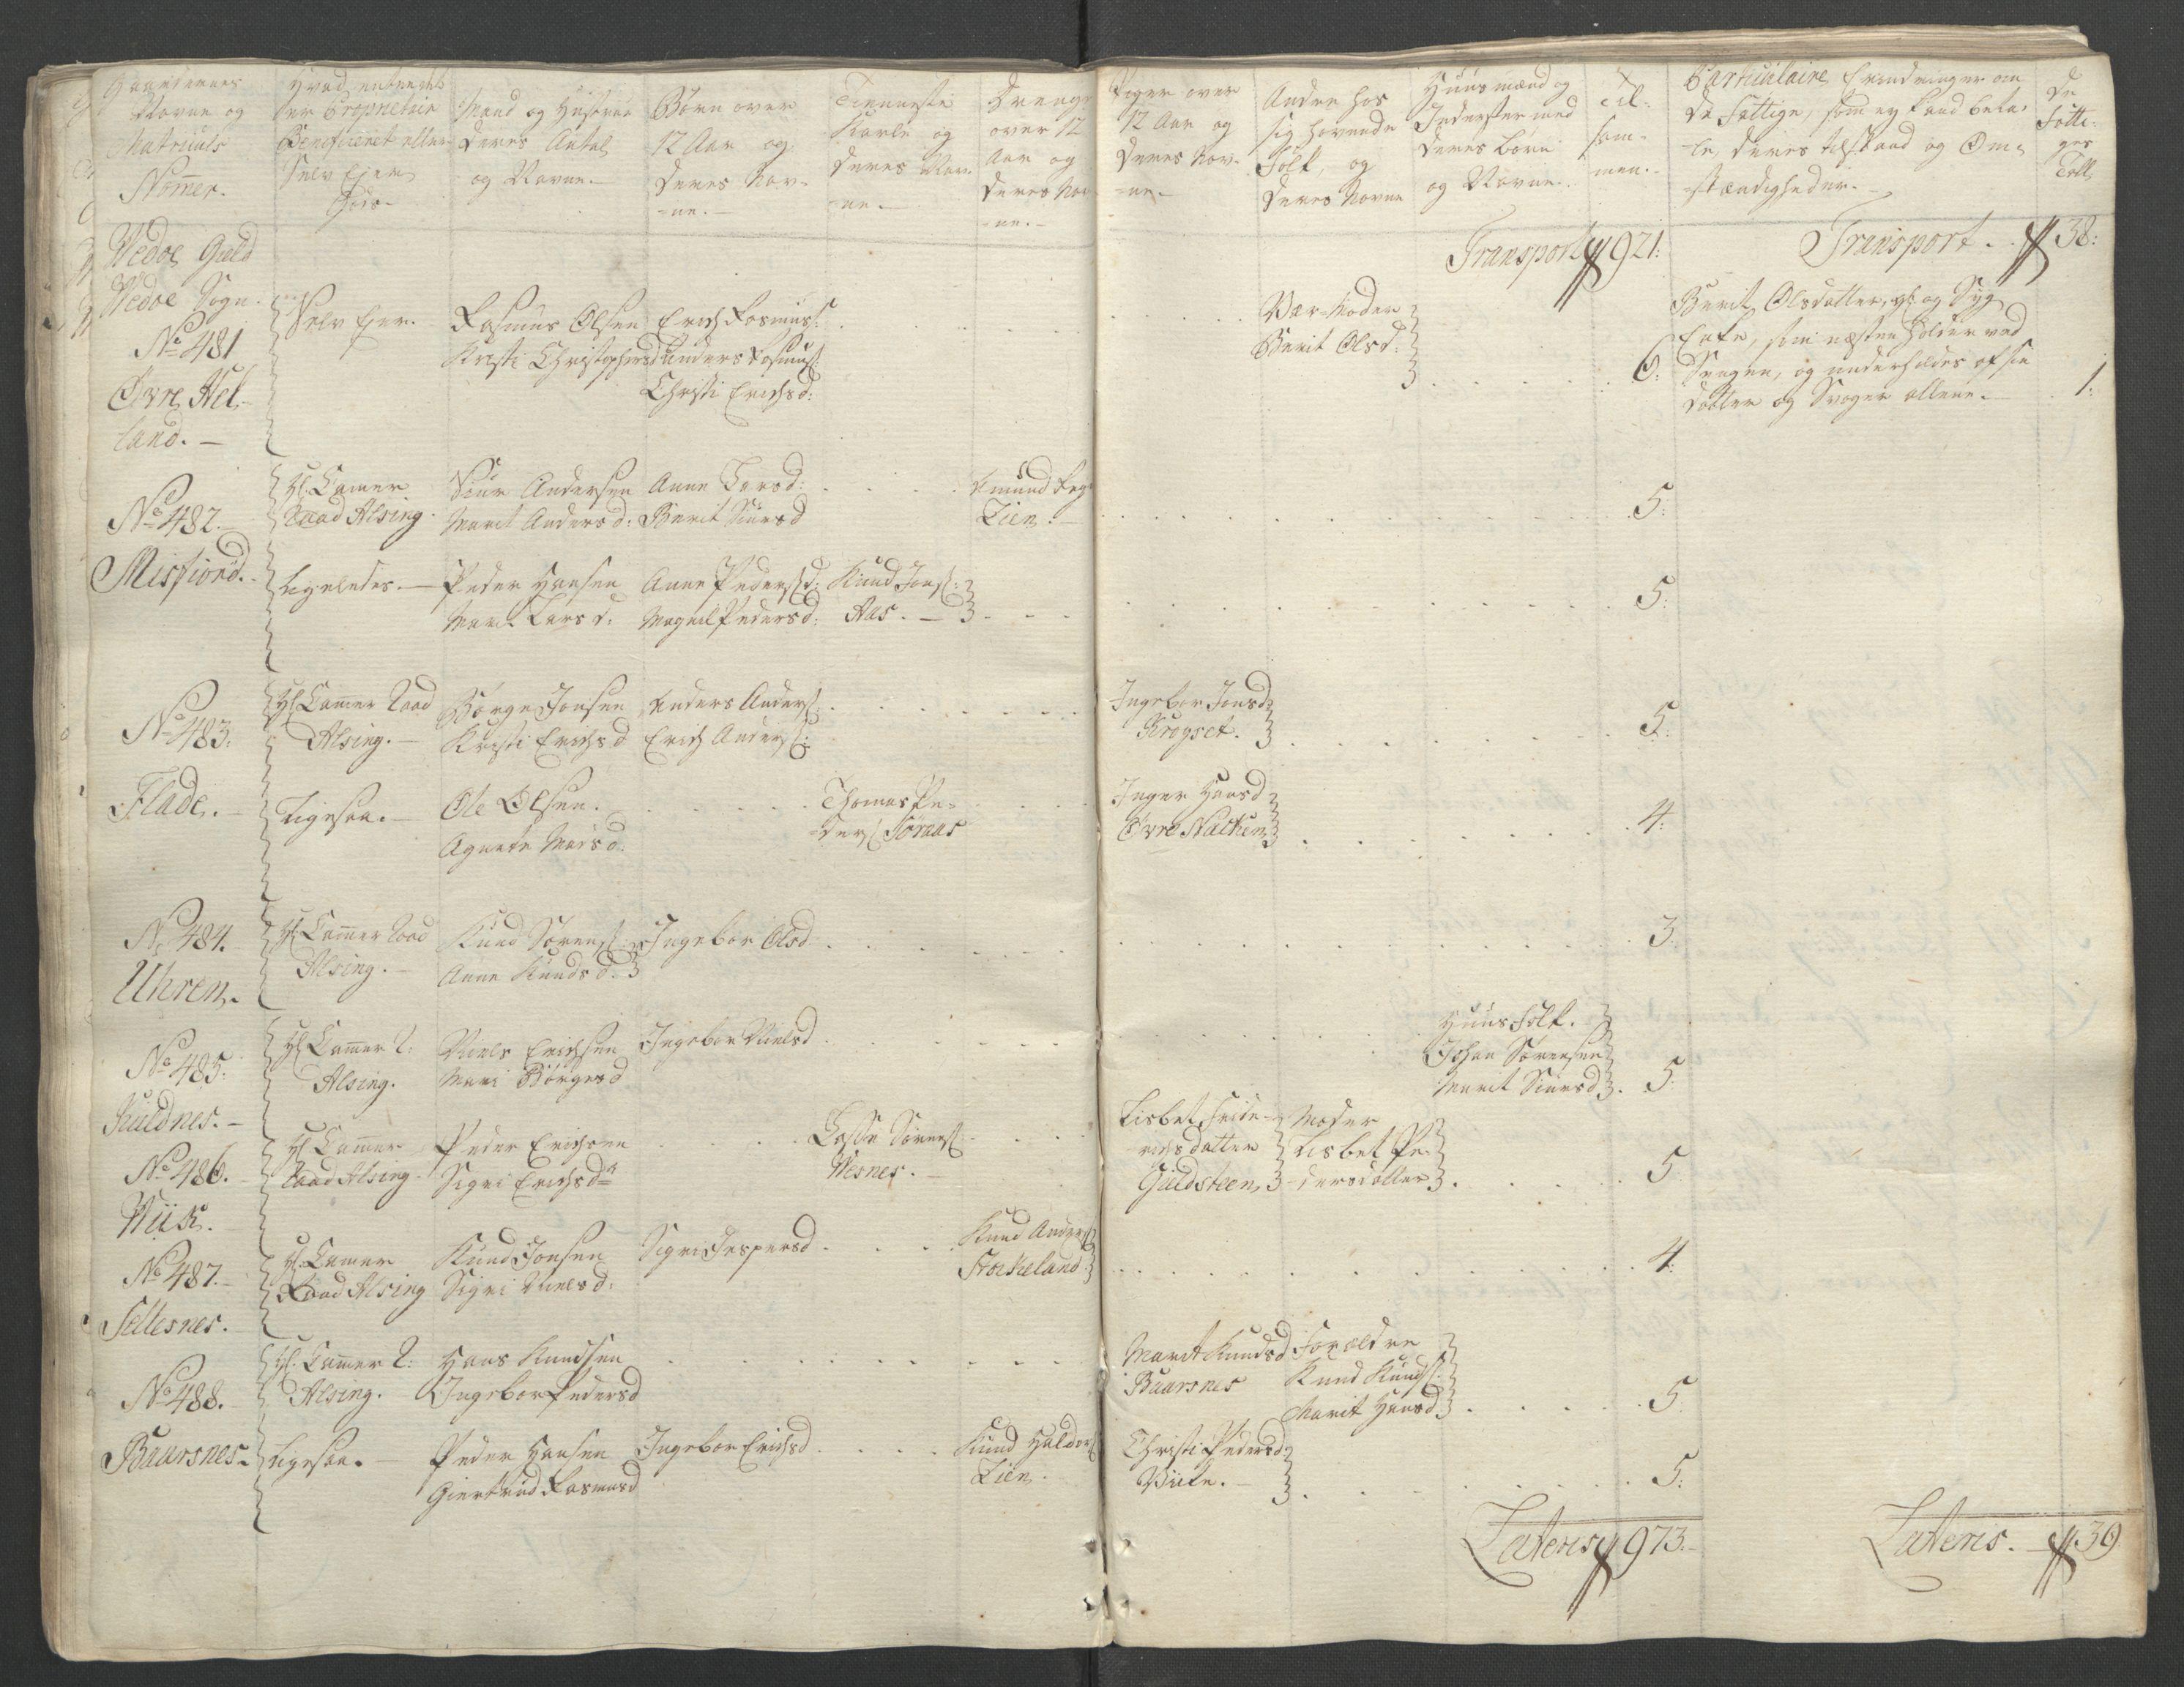 RA, Rentekammeret inntil 1814, Reviderte regnskaper, Fogderegnskap, R55/L3730: Ekstraskatten Romsdal, 1762-1763, p. 93